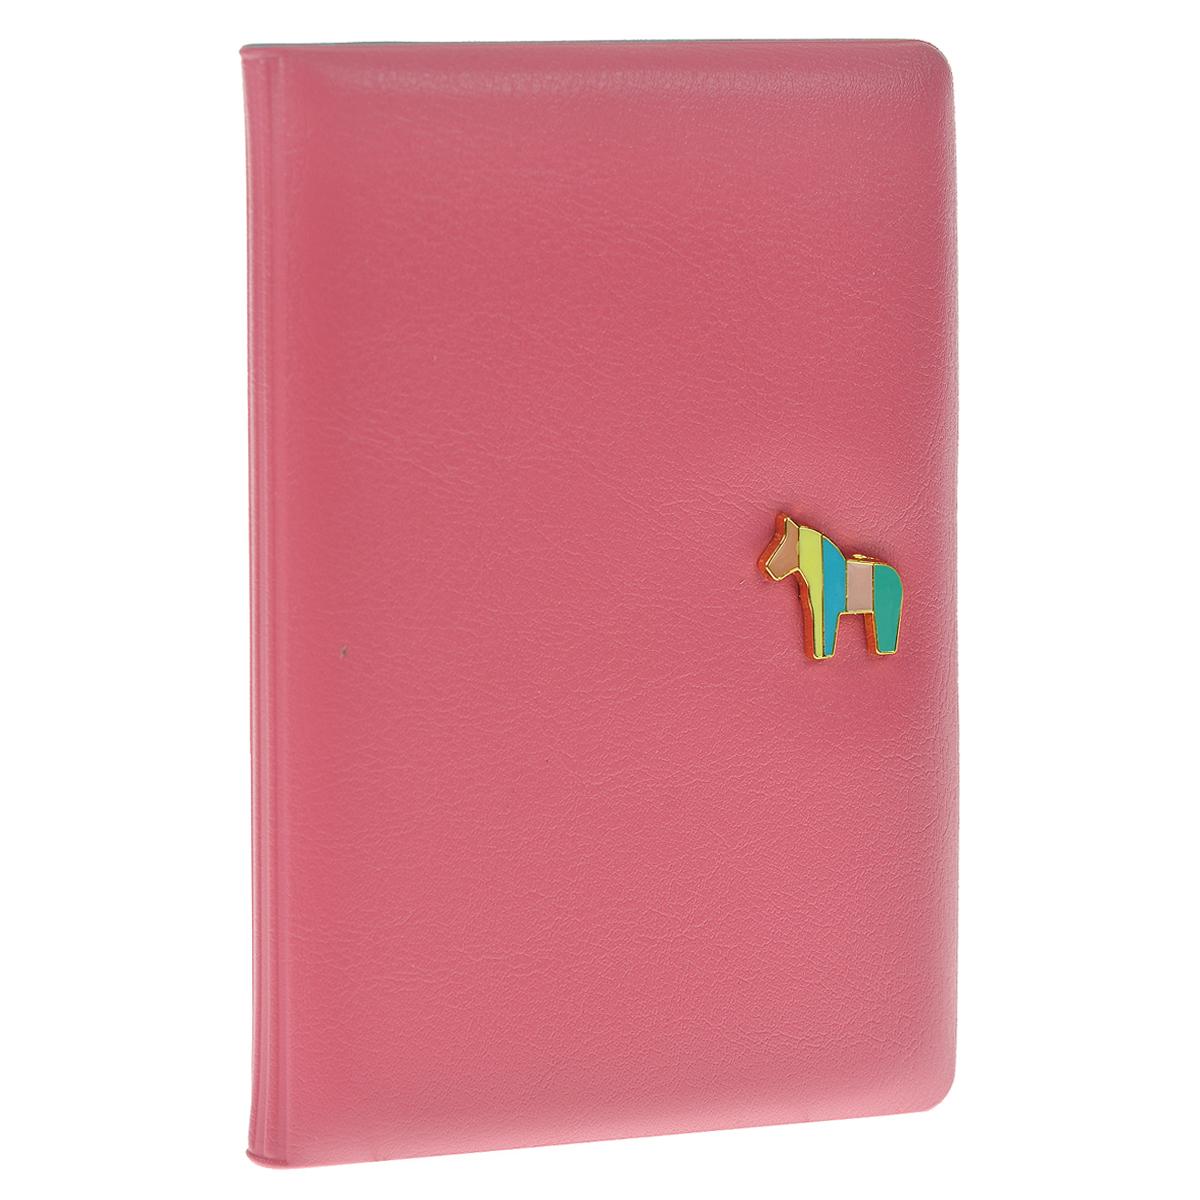 Обложка для паспорта Pony, цвет: фуксияO.30.CH.розовыйОбложка для паспорта Pony не только поможет сохранить внешний вид ваших документов и защитить их от повреждений, но и станет стильным аксессуаром, идеально подходящим вашему образу. Обложка выполнена из ПВХ цвета фуксии и оформлена декоративным элементом из металла в виде миниатюрного пони. Внутри - кармашек из прозрачного пластика.Такая обложка станет замечательным подарком человеку, ценящему качественные и практичные вещи. Характеристики:Материал: ПВХ. Размер обложки: 9,5 см х 14 см х 1 см. Цвет: фуксия.Размер упаковки: 10 см х 14 см х 1,5 см. Артикул: 0901032.